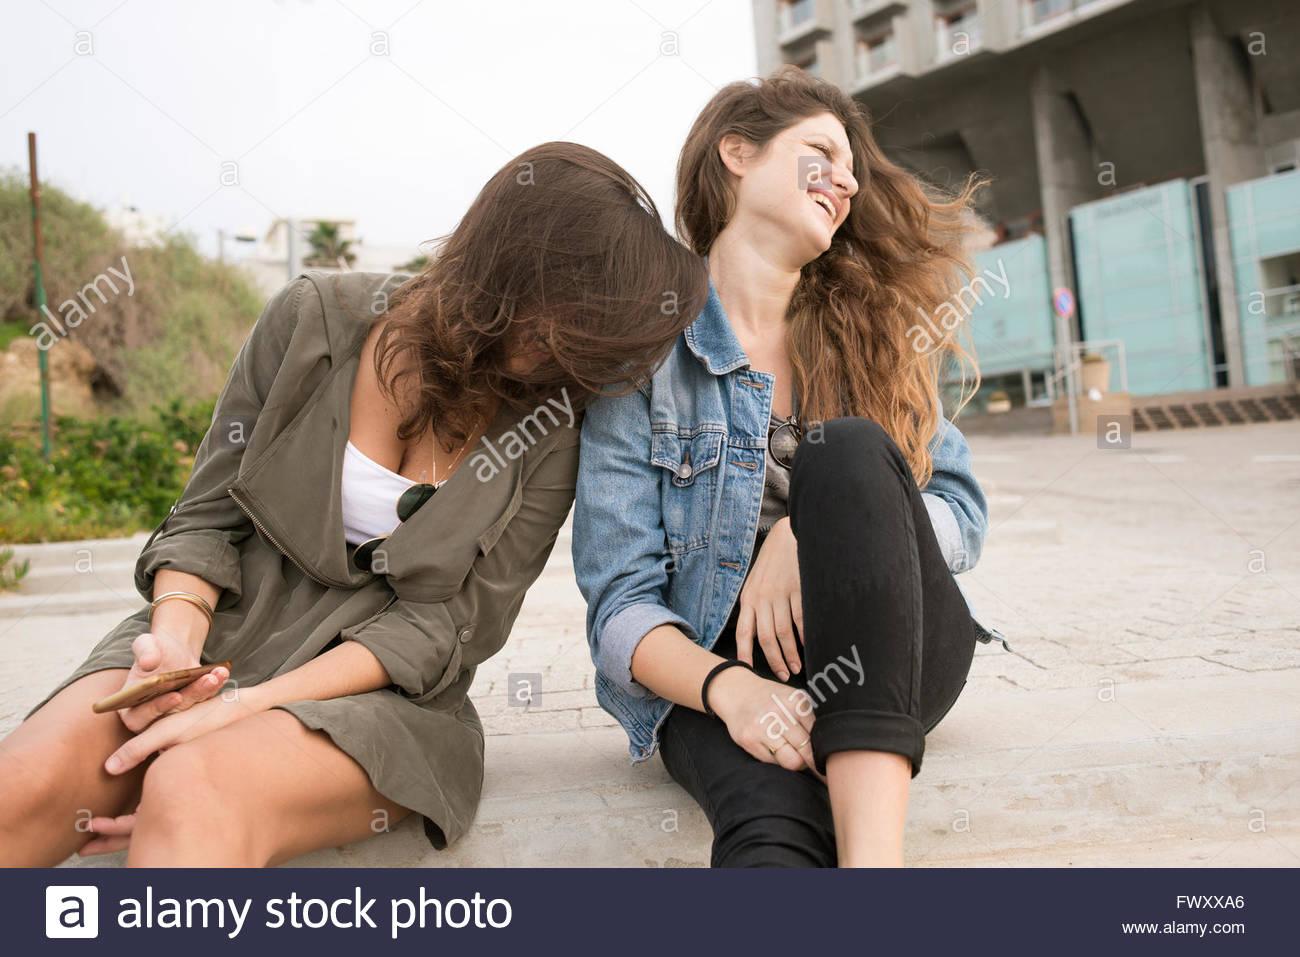 Israele, Tel Aviv, ridendo giovani donne seduti sui gradini Immagini Stock